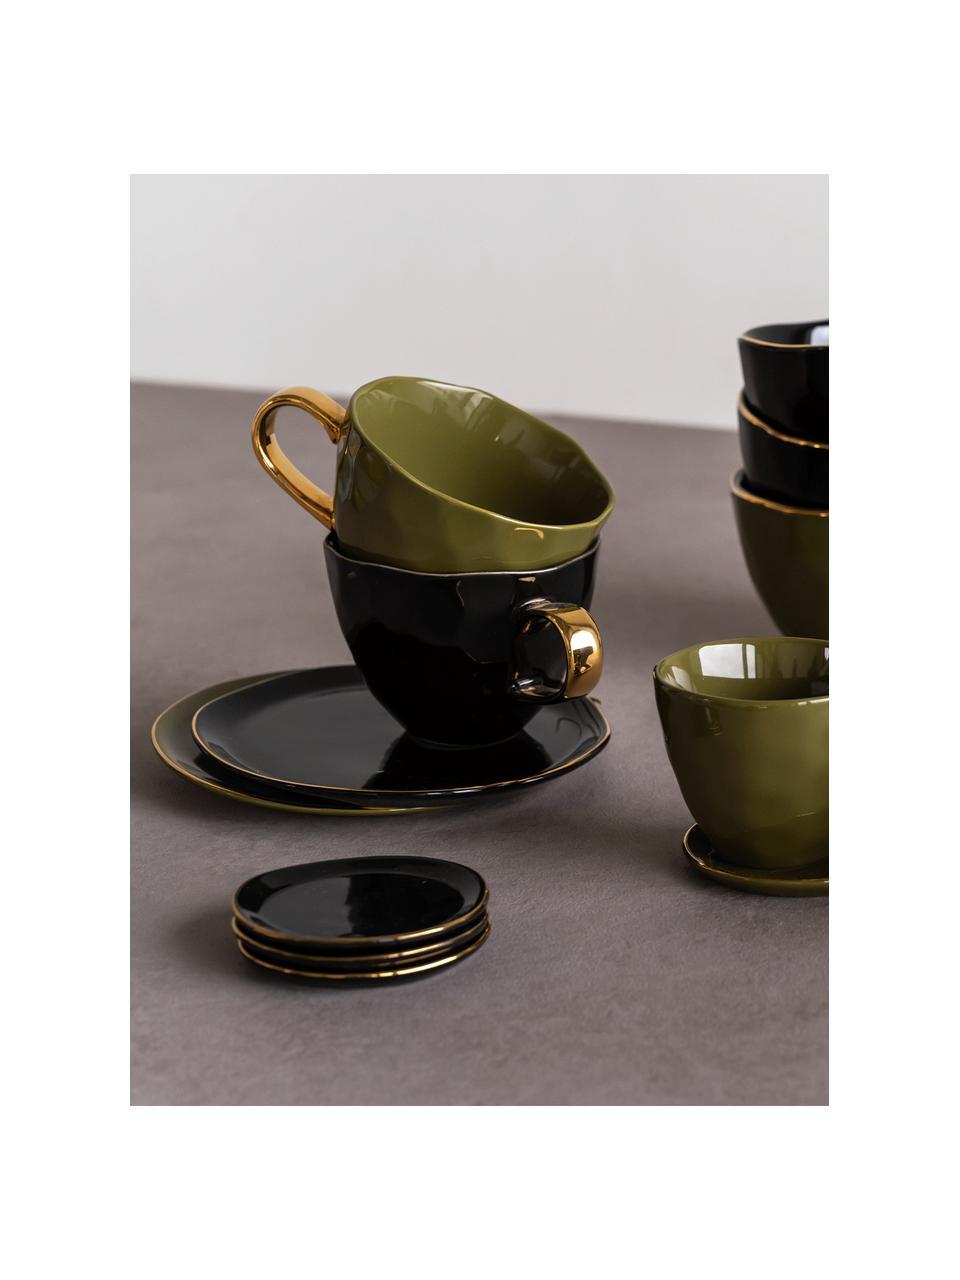 Untertassen Good Morning in Schwarz mit goldfarbenem Rand, Ø 9 cm, 2 Stück, Steingut, Schwarz, Goldfarben, Ø 9 cm